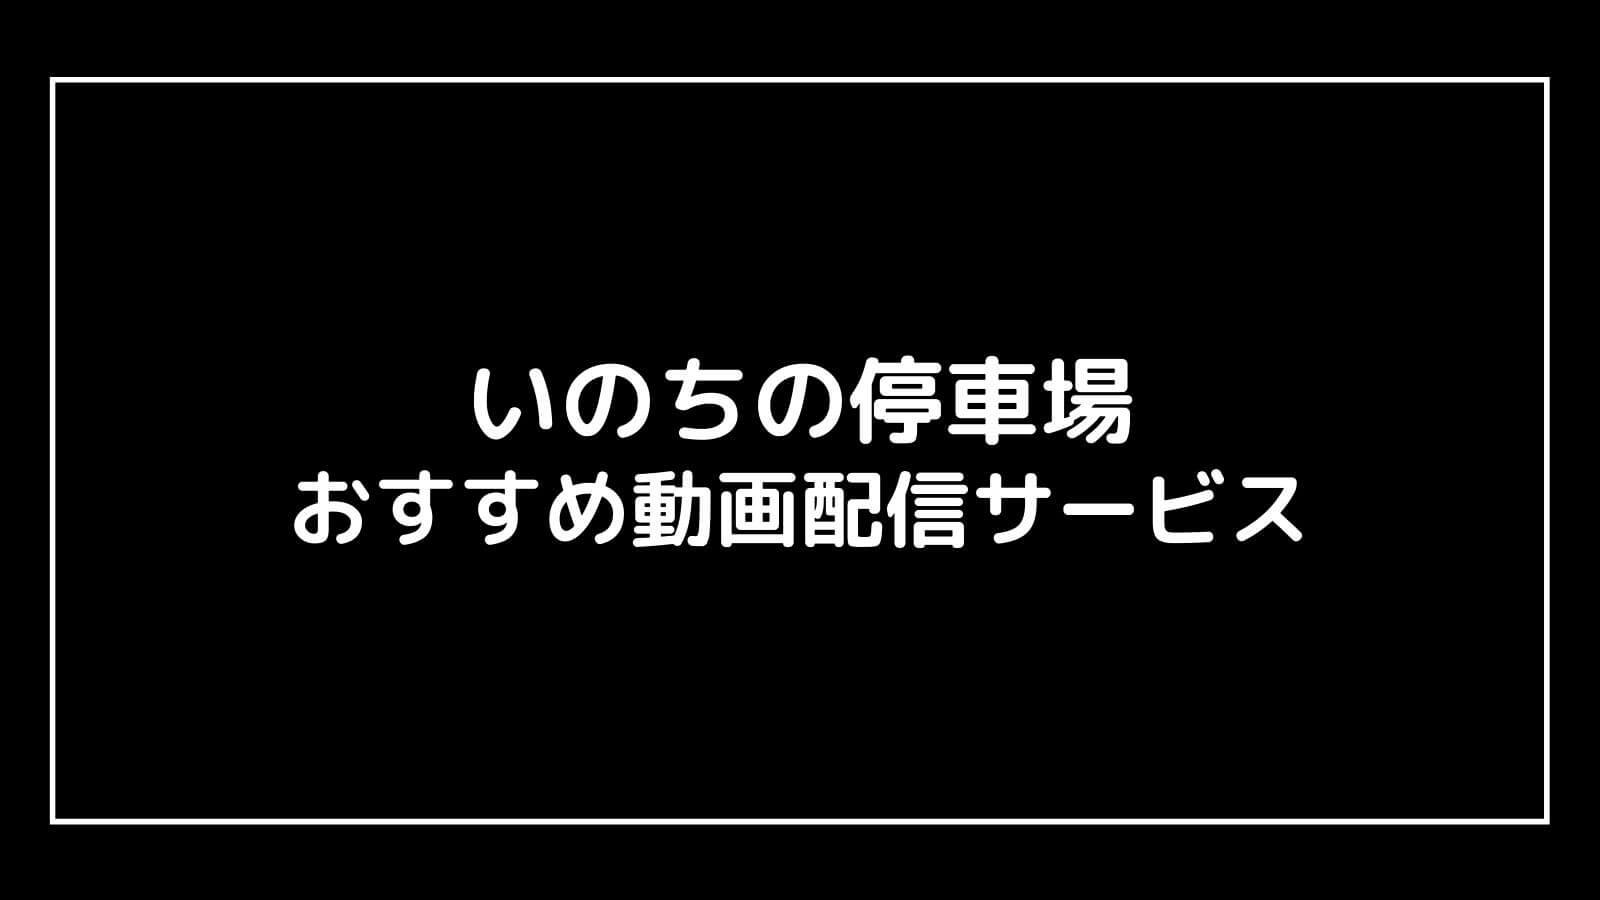 映画『いのちの停車場』の配信を無料視聴できるおすすめ動画配信サイト